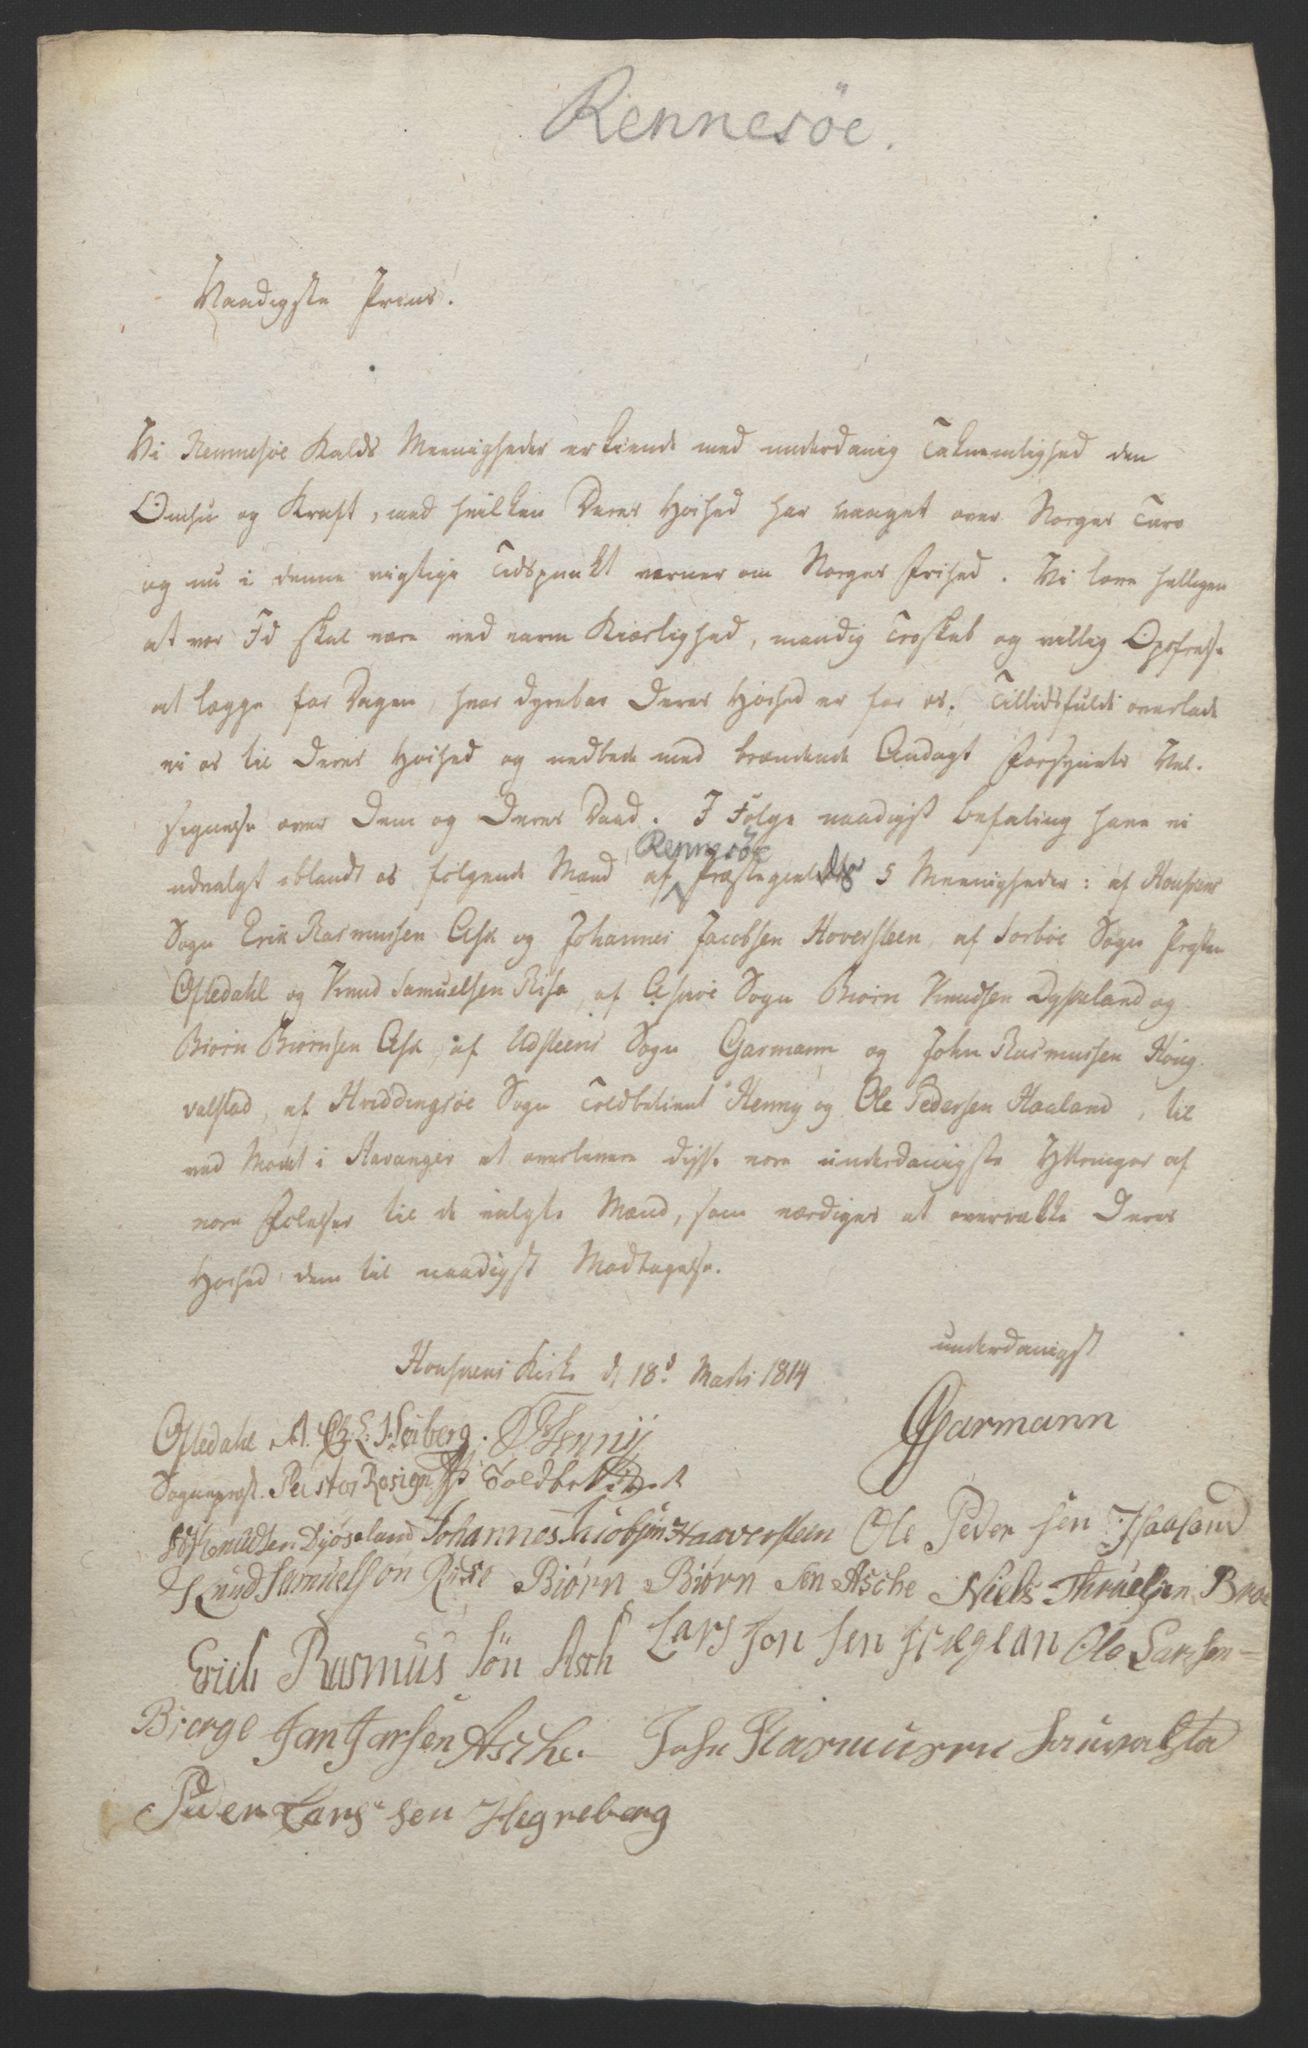 RA, Statsrådssekretariatet, D/Db/L0008: Fullmakter for Eidsvollsrepresentantene i 1814. , 1814, s. 238